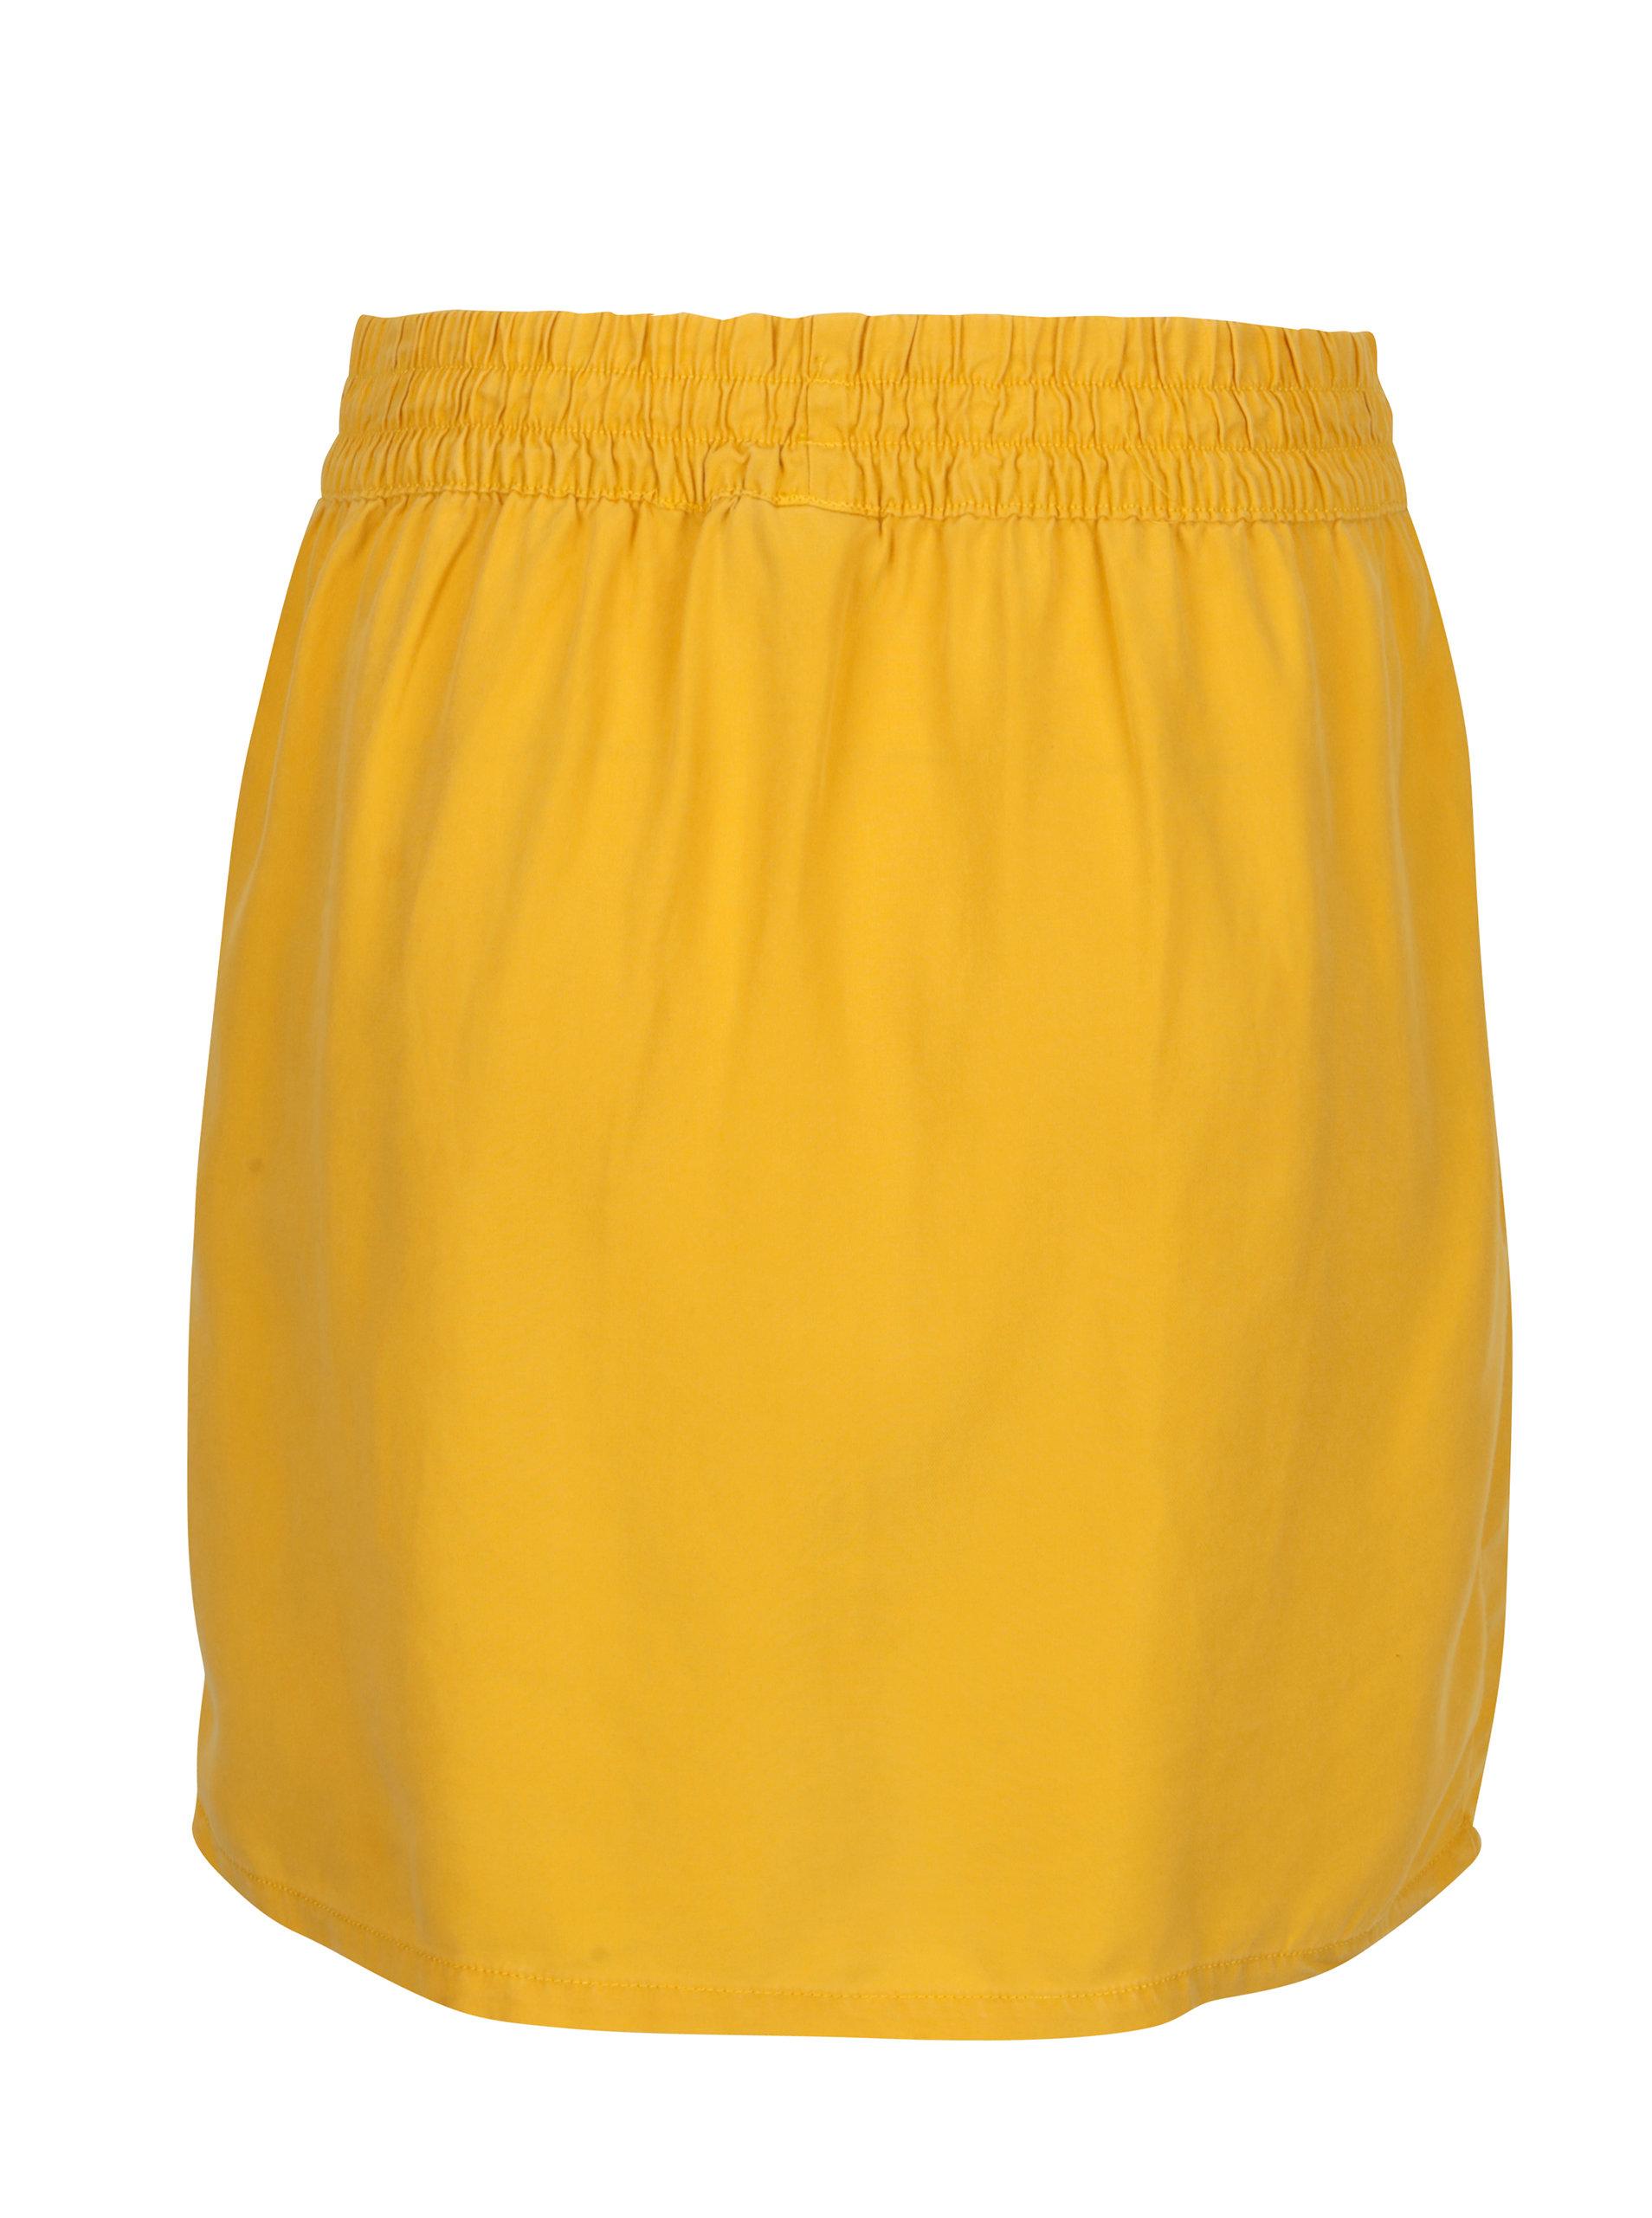 Žlutá sukně Noisy May Haylie ... 6a96b1567a